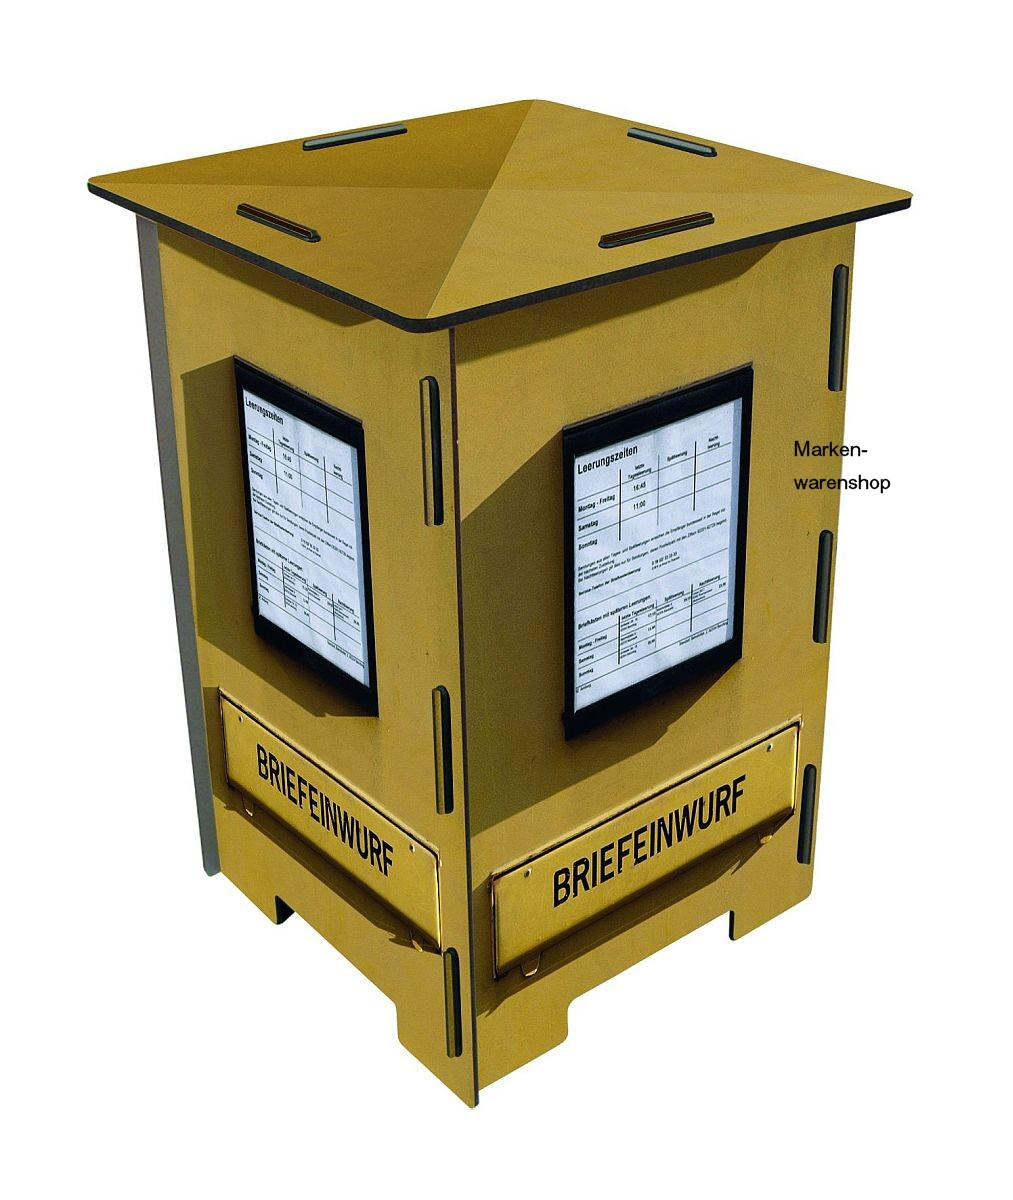 werkhaus photohocker post briefkasten gelb sitzm bel. Black Bedroom Furniture Sets. Home Design Ideas